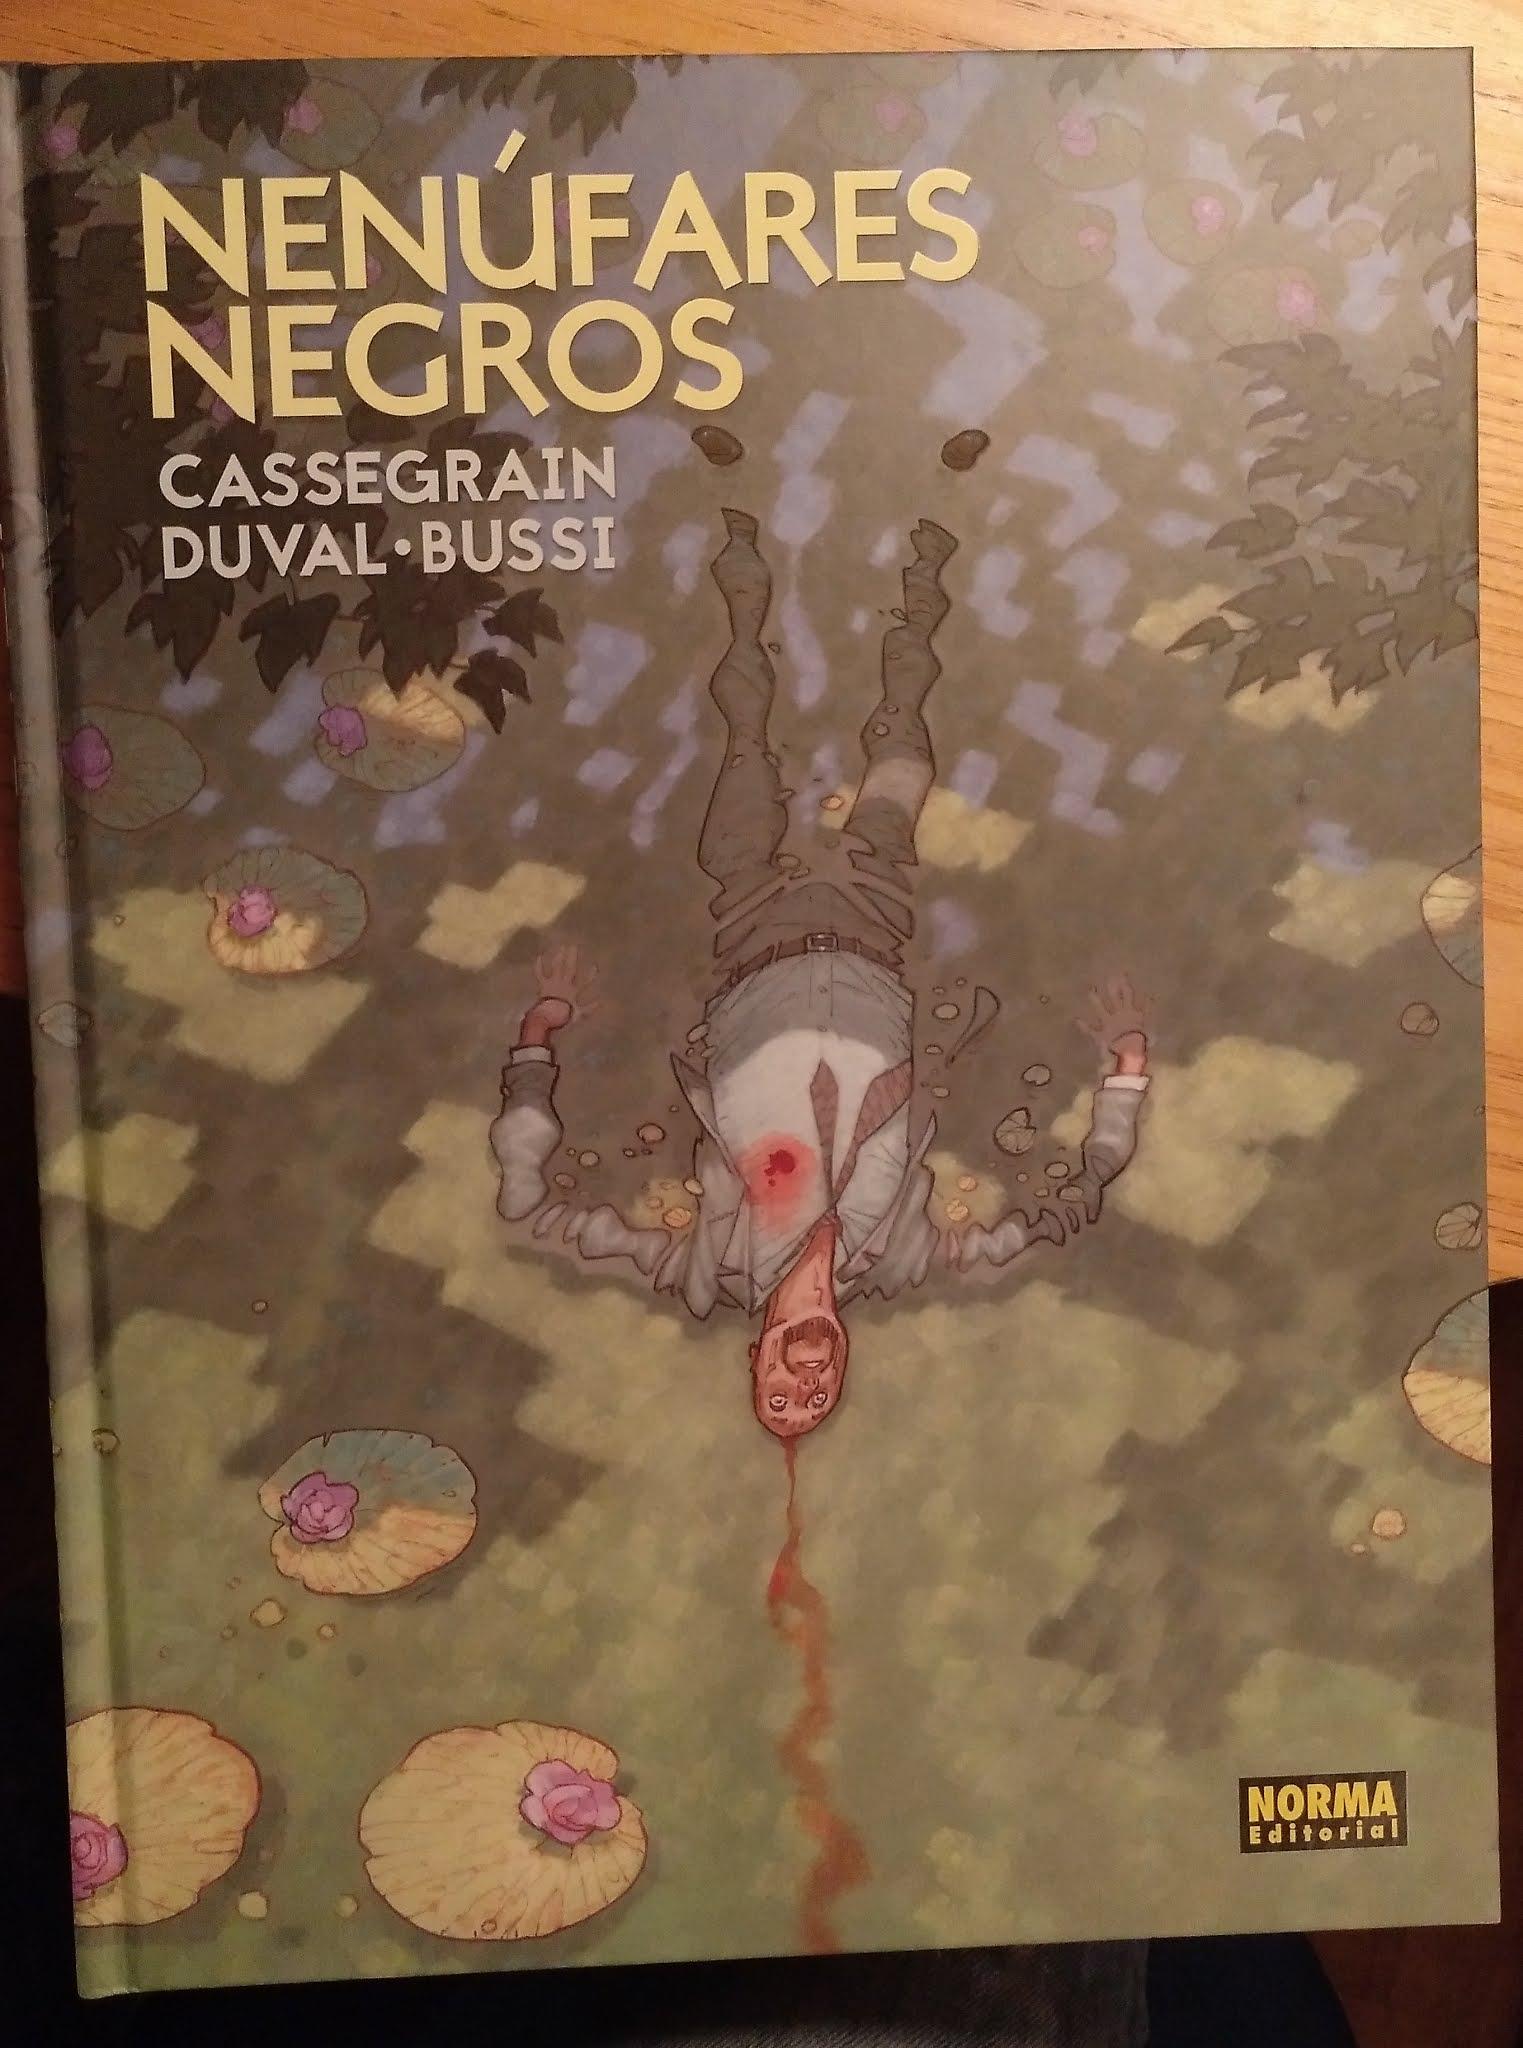 Es Sobre Libros Y Comics O Al Reves Nenufares Negros